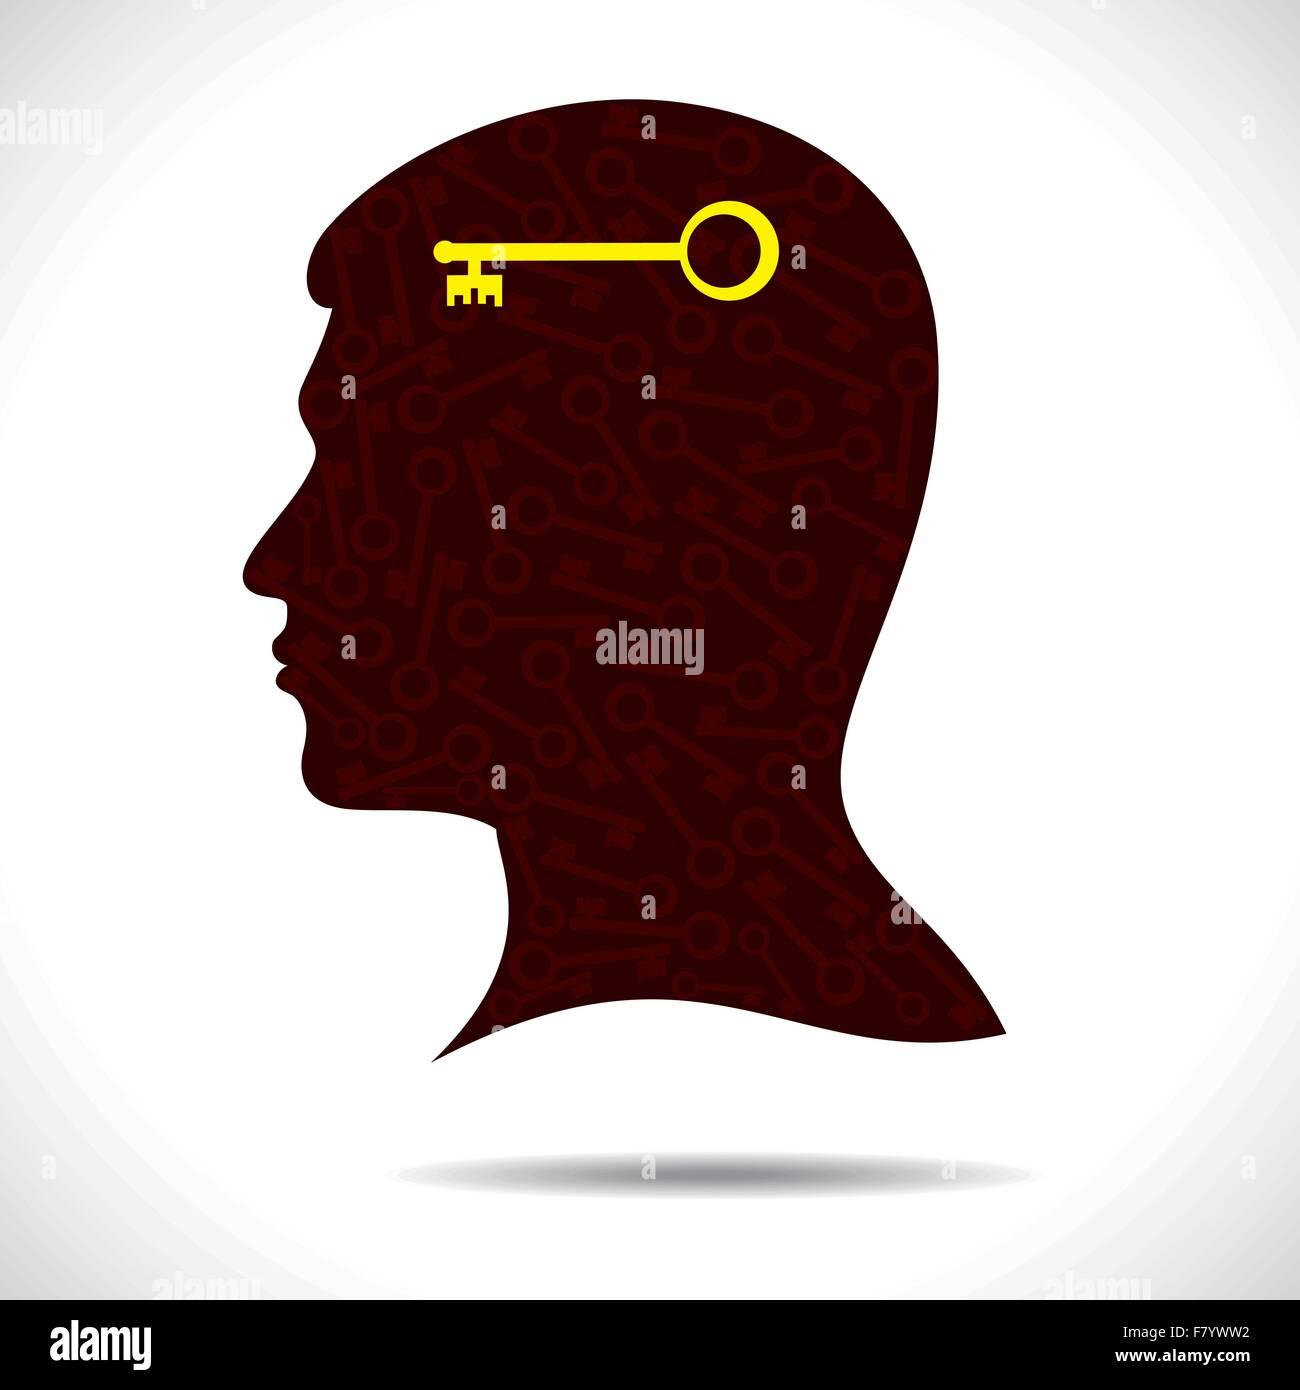 La chiave del successo in testa umana Immagini Stock